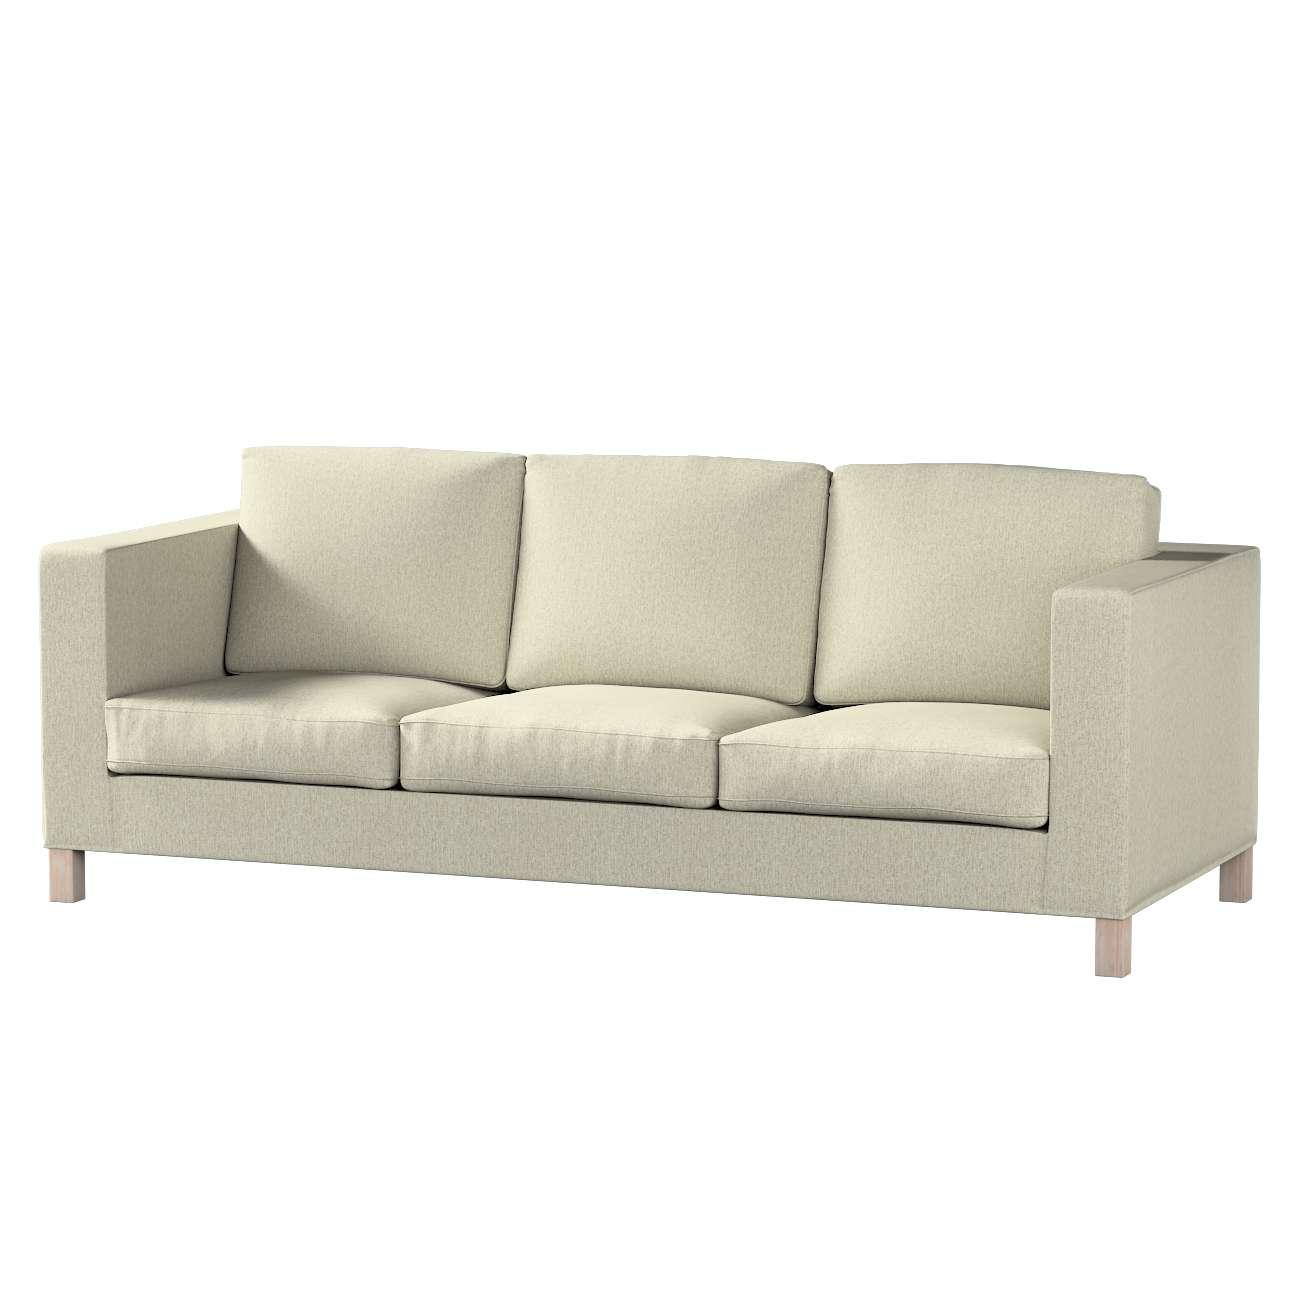 Bezug für Karlanda 3-Sitzer Sofa nicht ausklappbar, kurz von der Kollektion Living, Stoff: 161-62